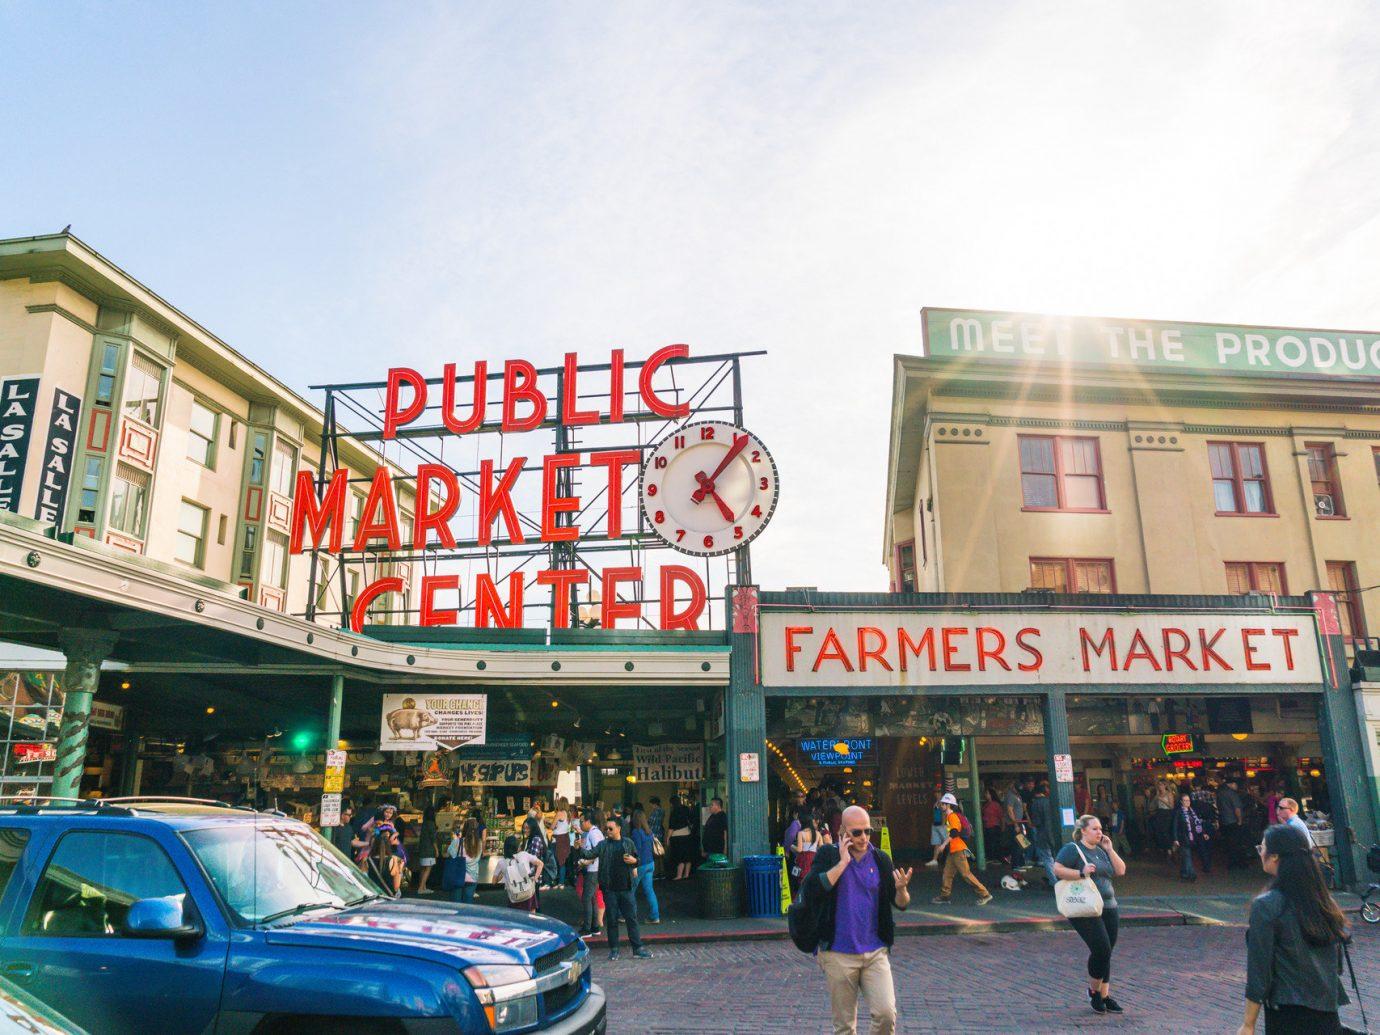 Pike Place market in Seattle, WA